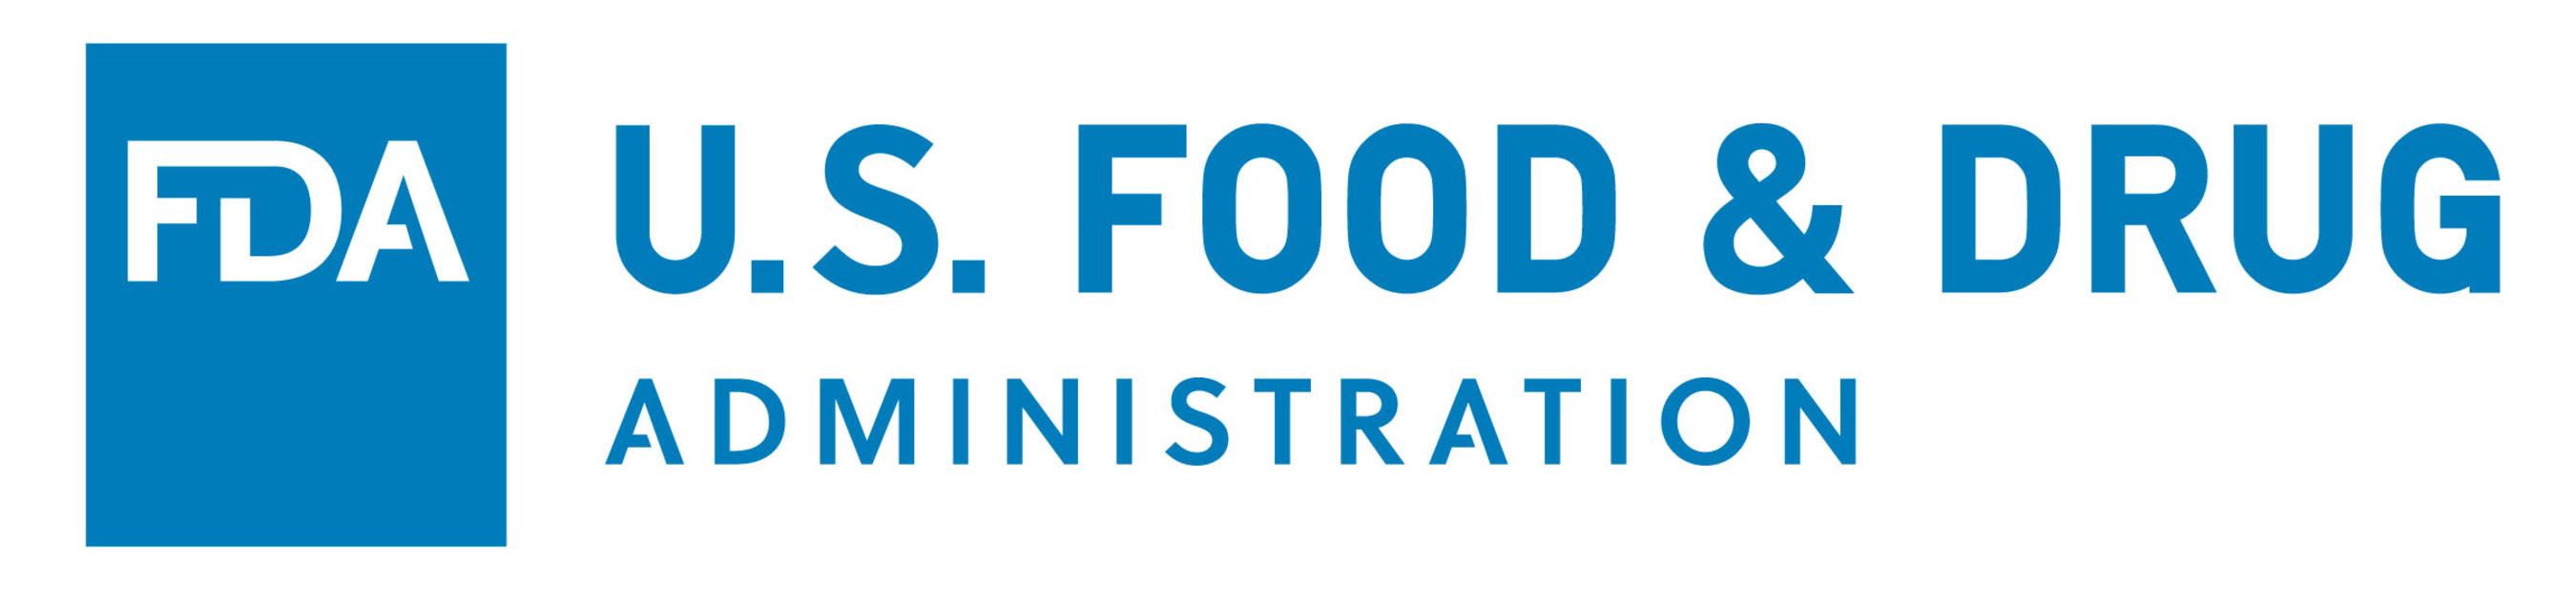 La FDA toma medidas adicionales para entender mejor la seguridad de Essure e informar a las